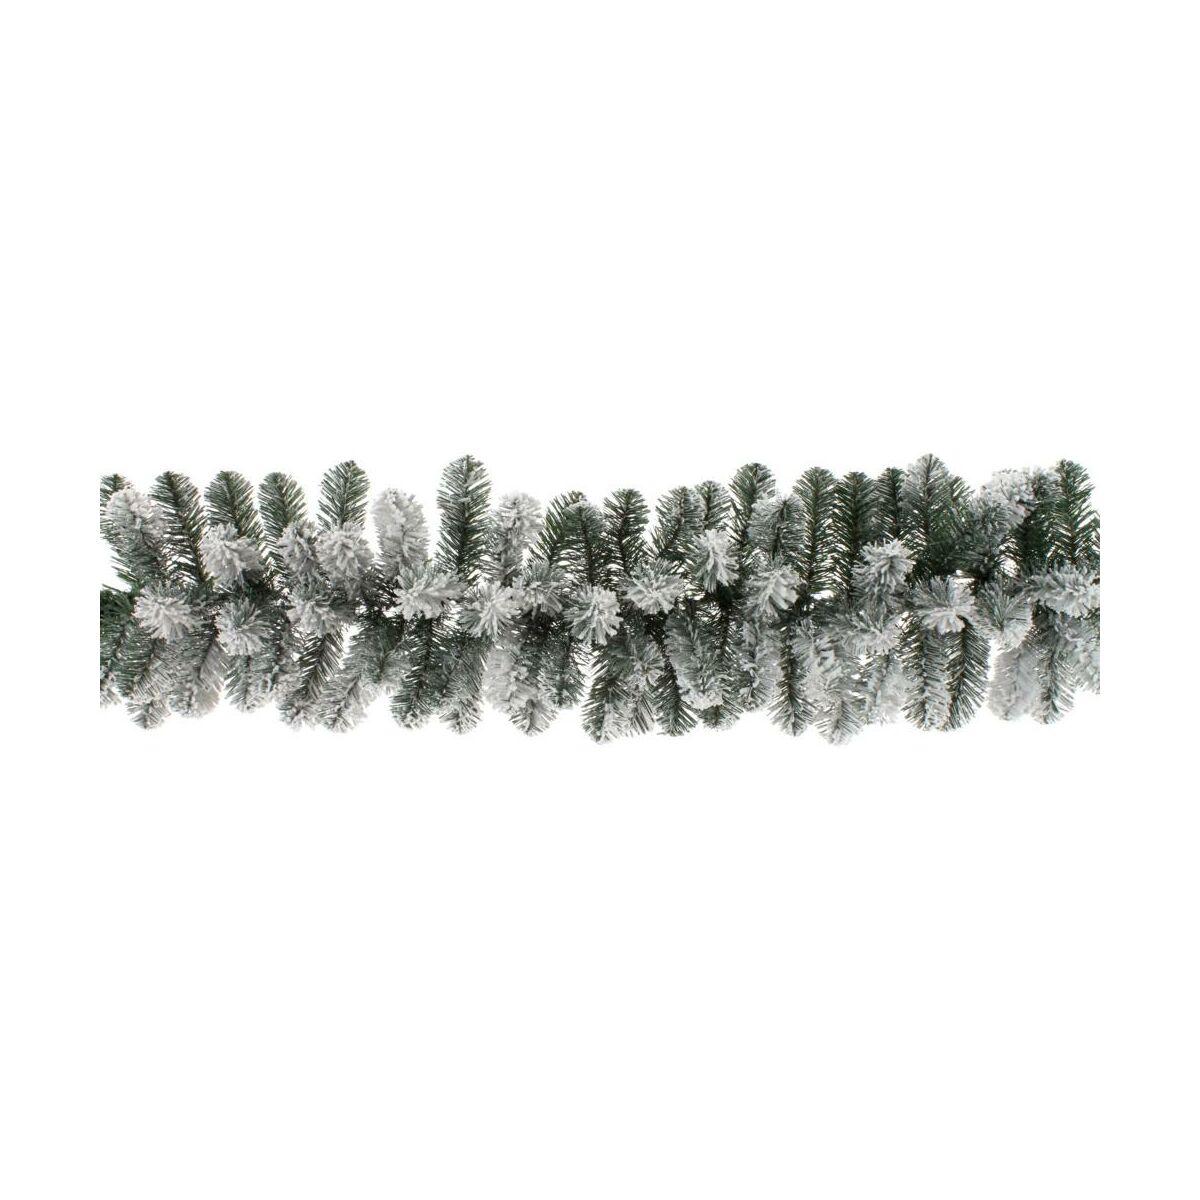 Girlanda Swierkowa Osniezona 270 Cm Zielona Pvc Swieczniki I Dekoracje Swiateczne W Atrakcyjnej Cenie W Sklepach Leroy Merlin